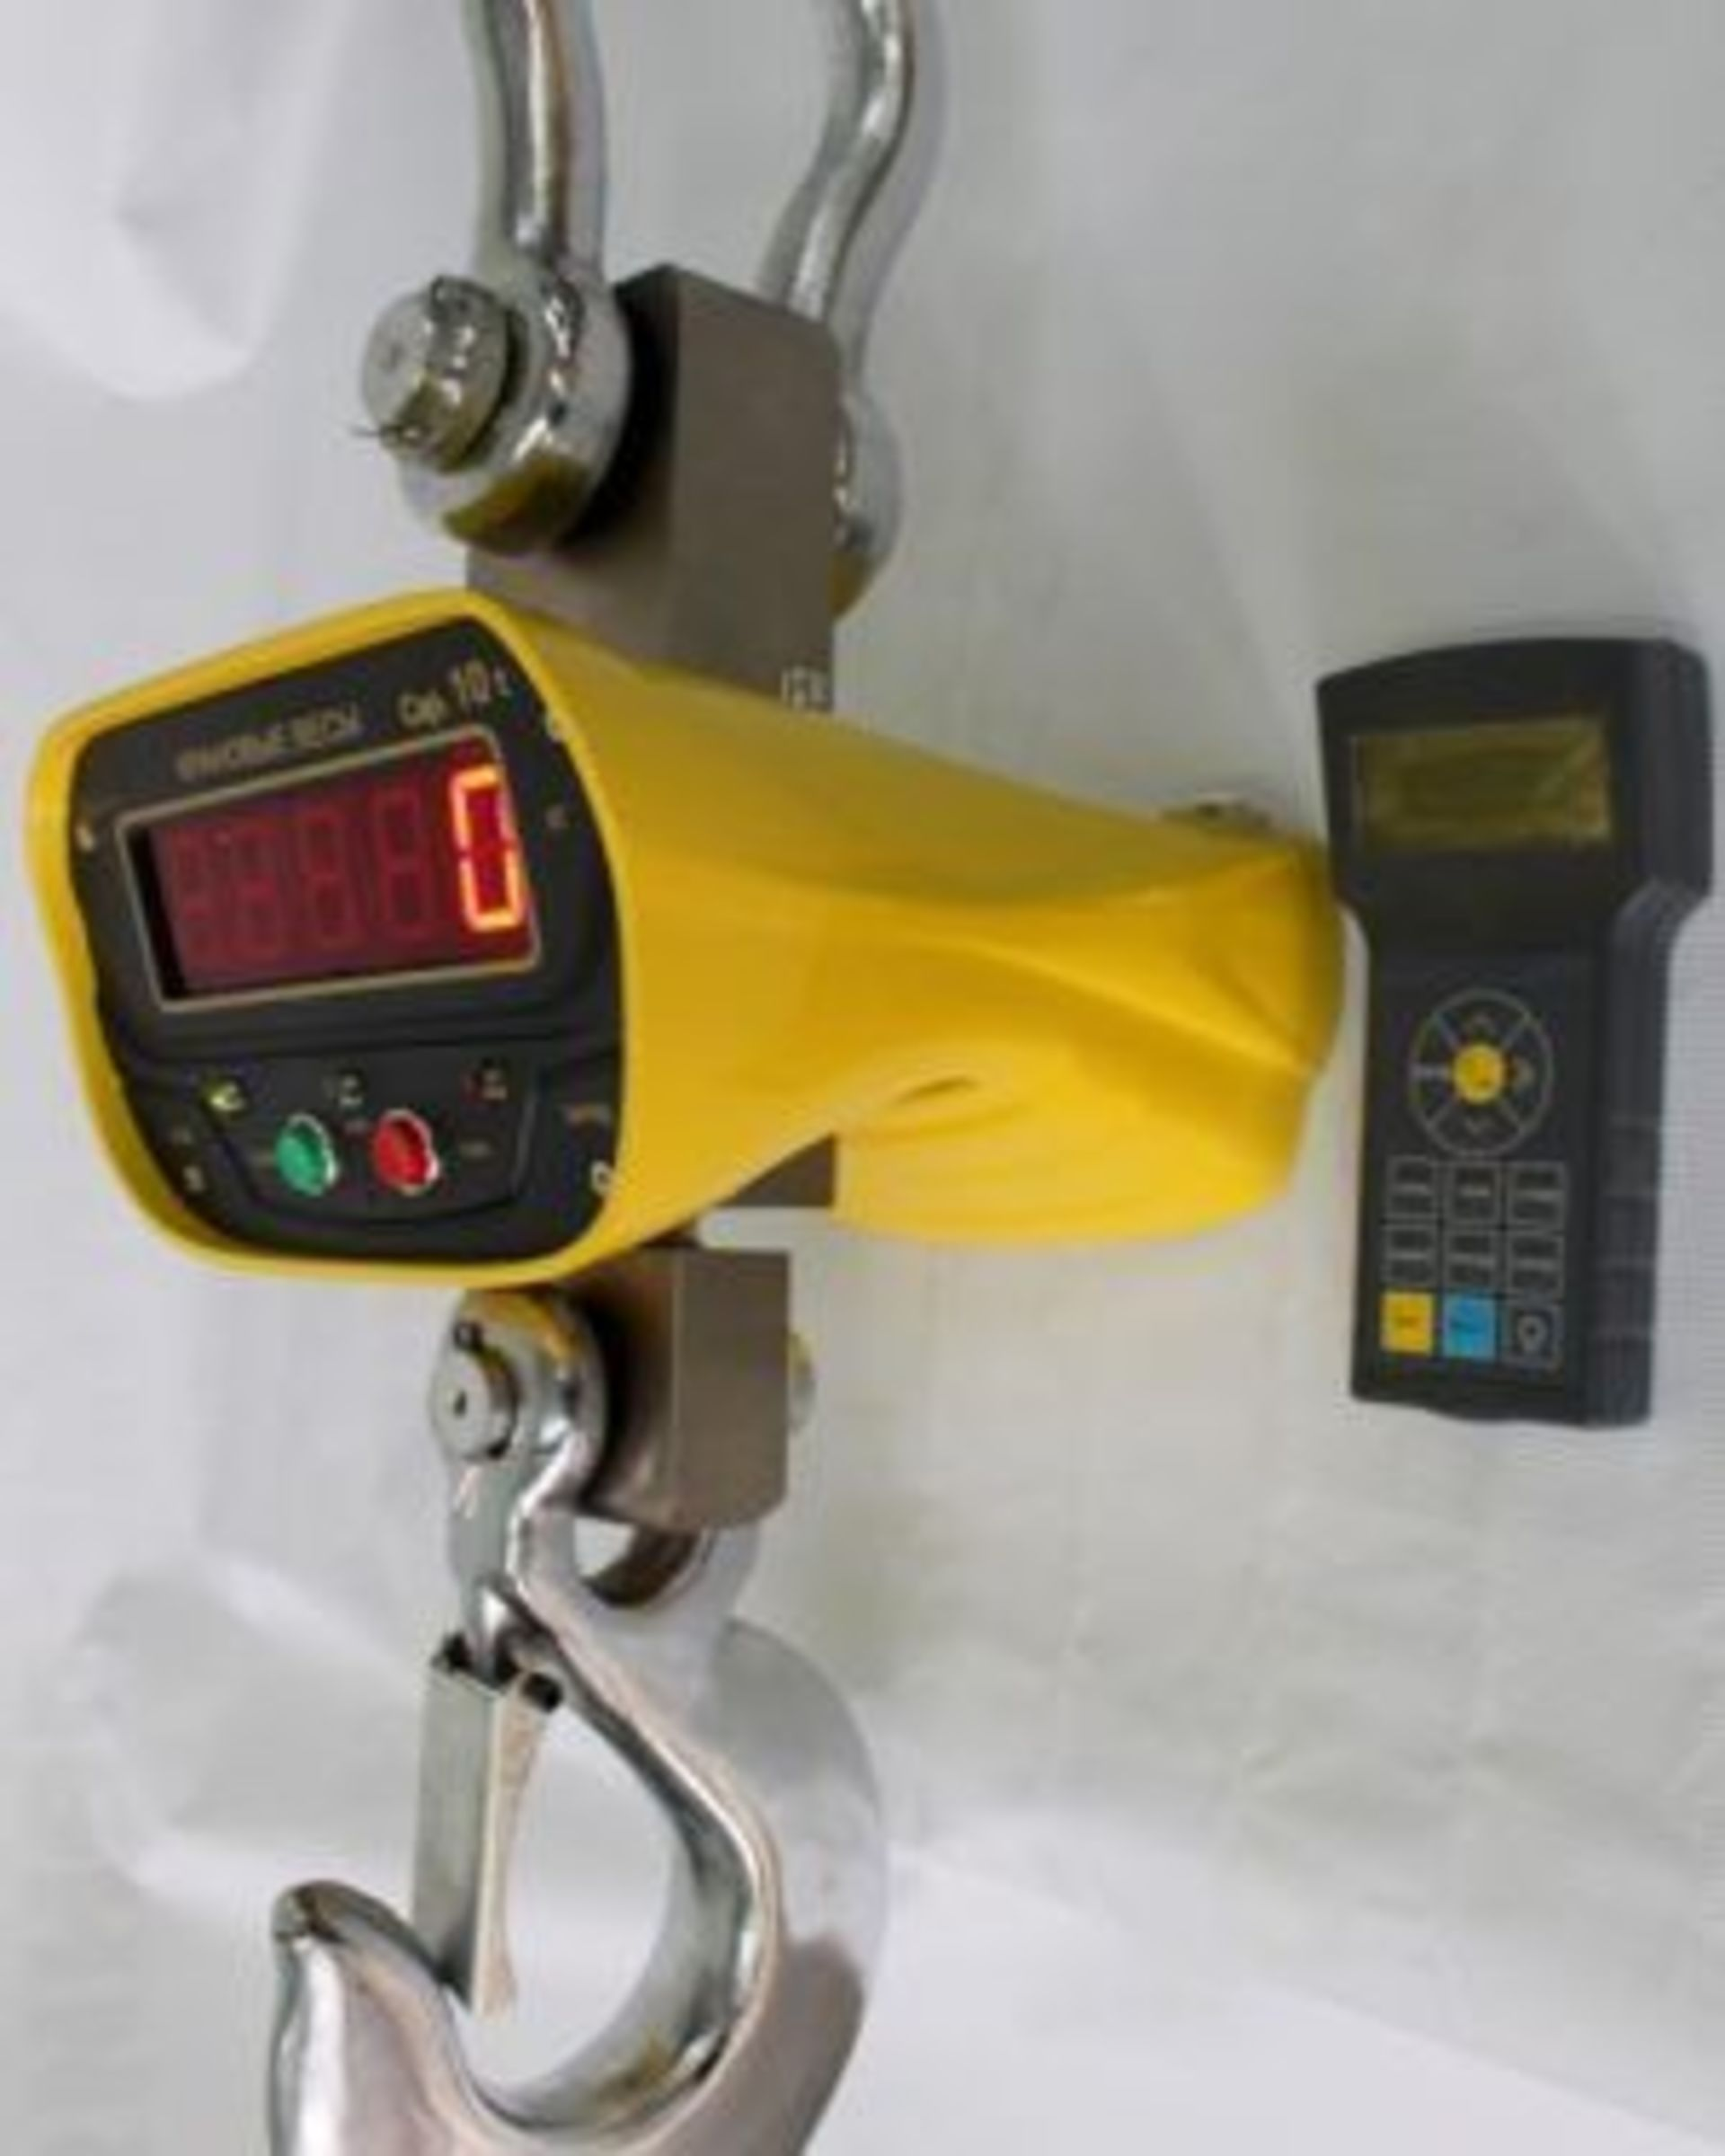 КВ-И С индикации показаний на выносном пульте.